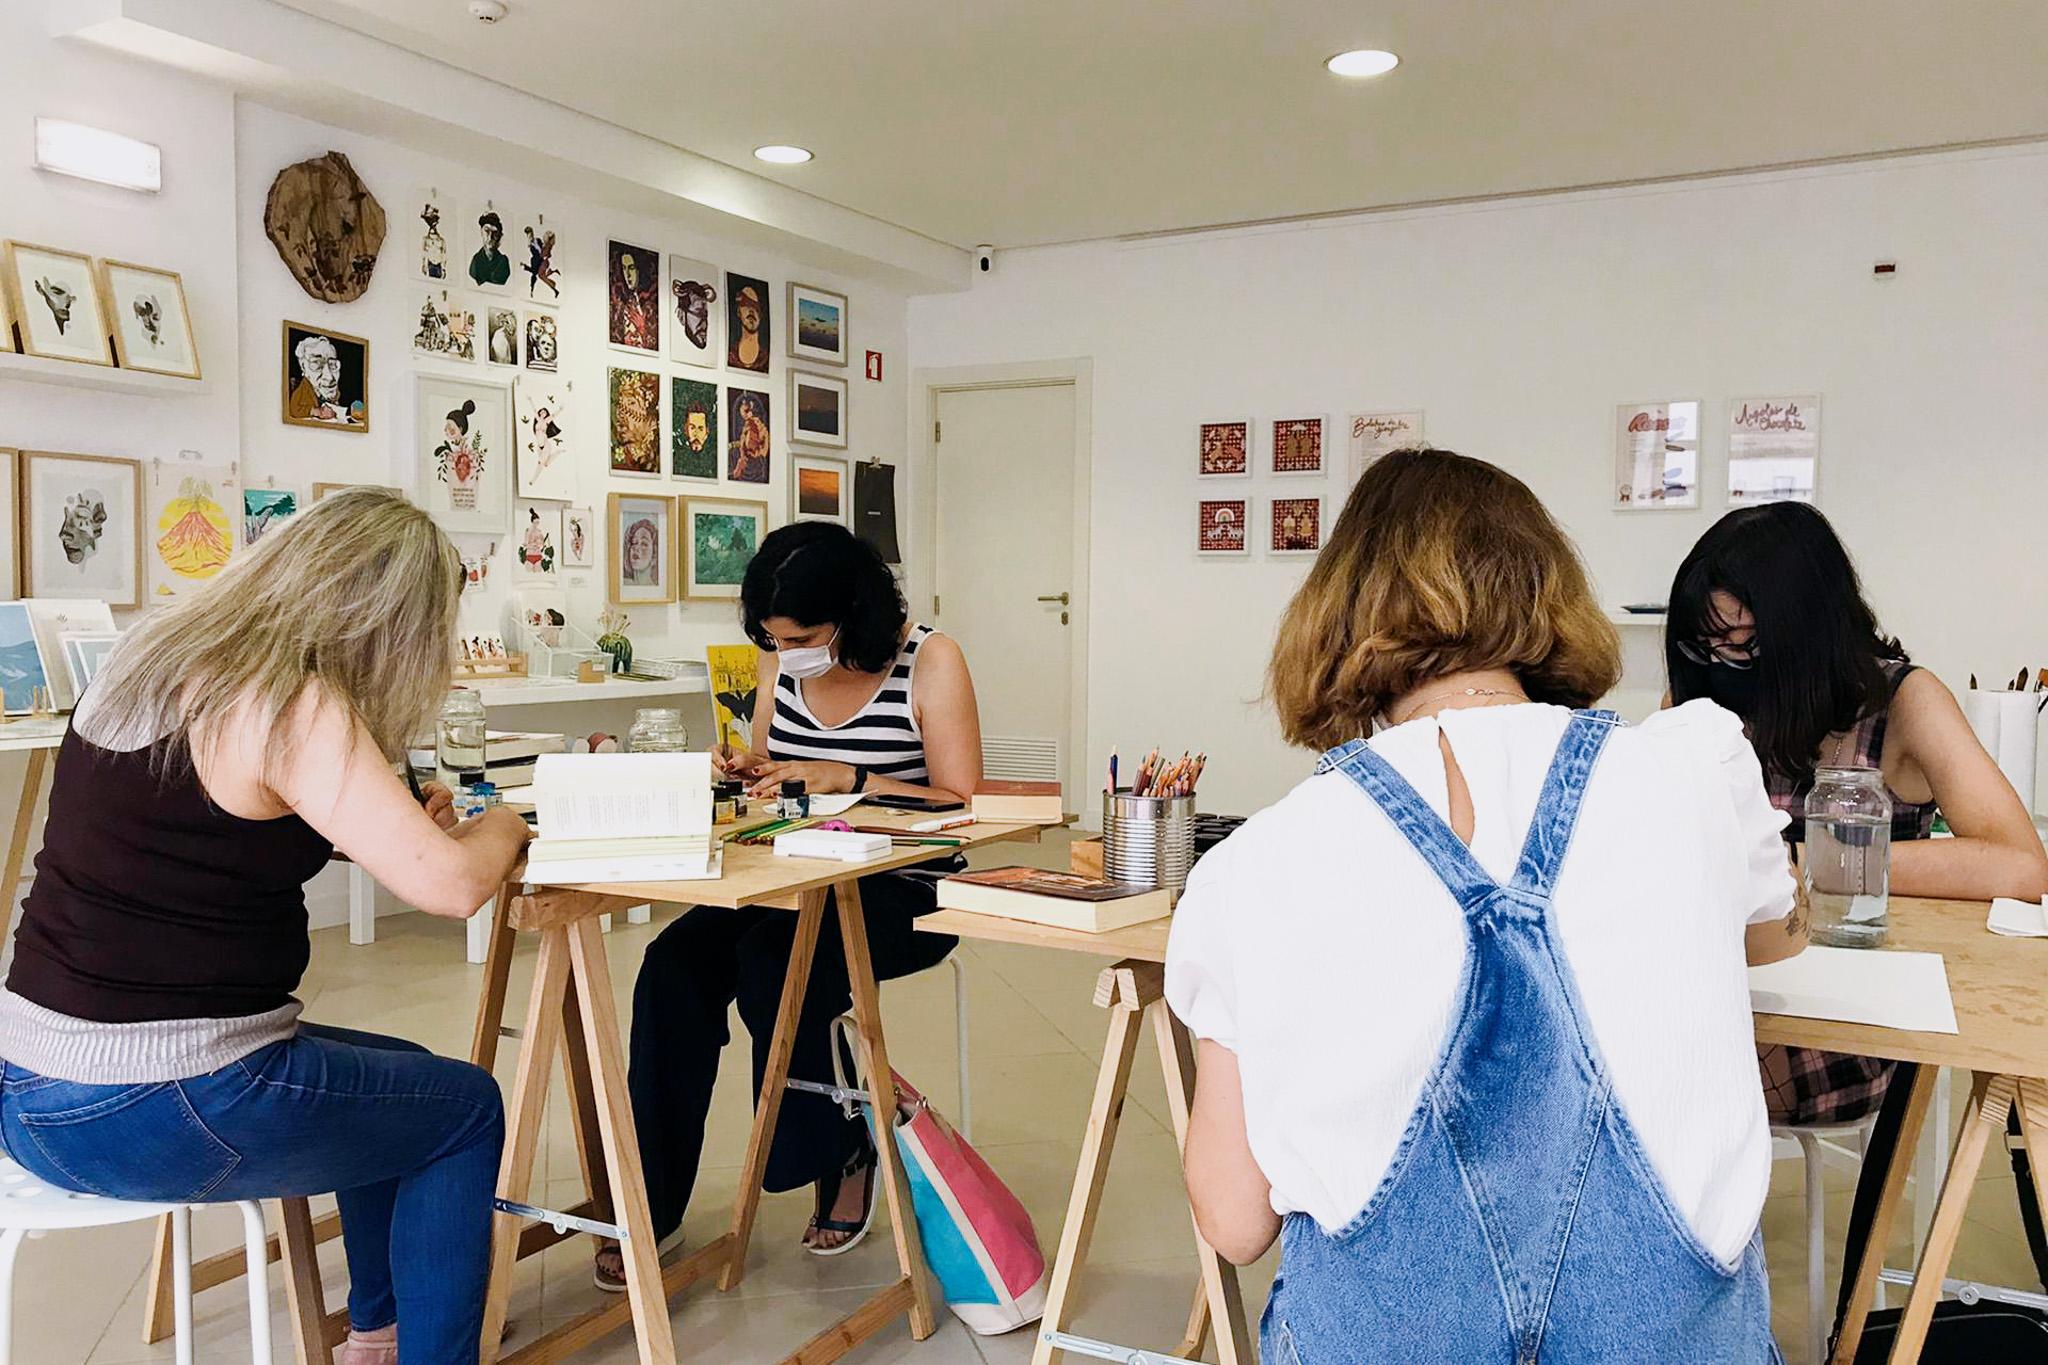 Oficina de Ilustração: Carta Ilustrada